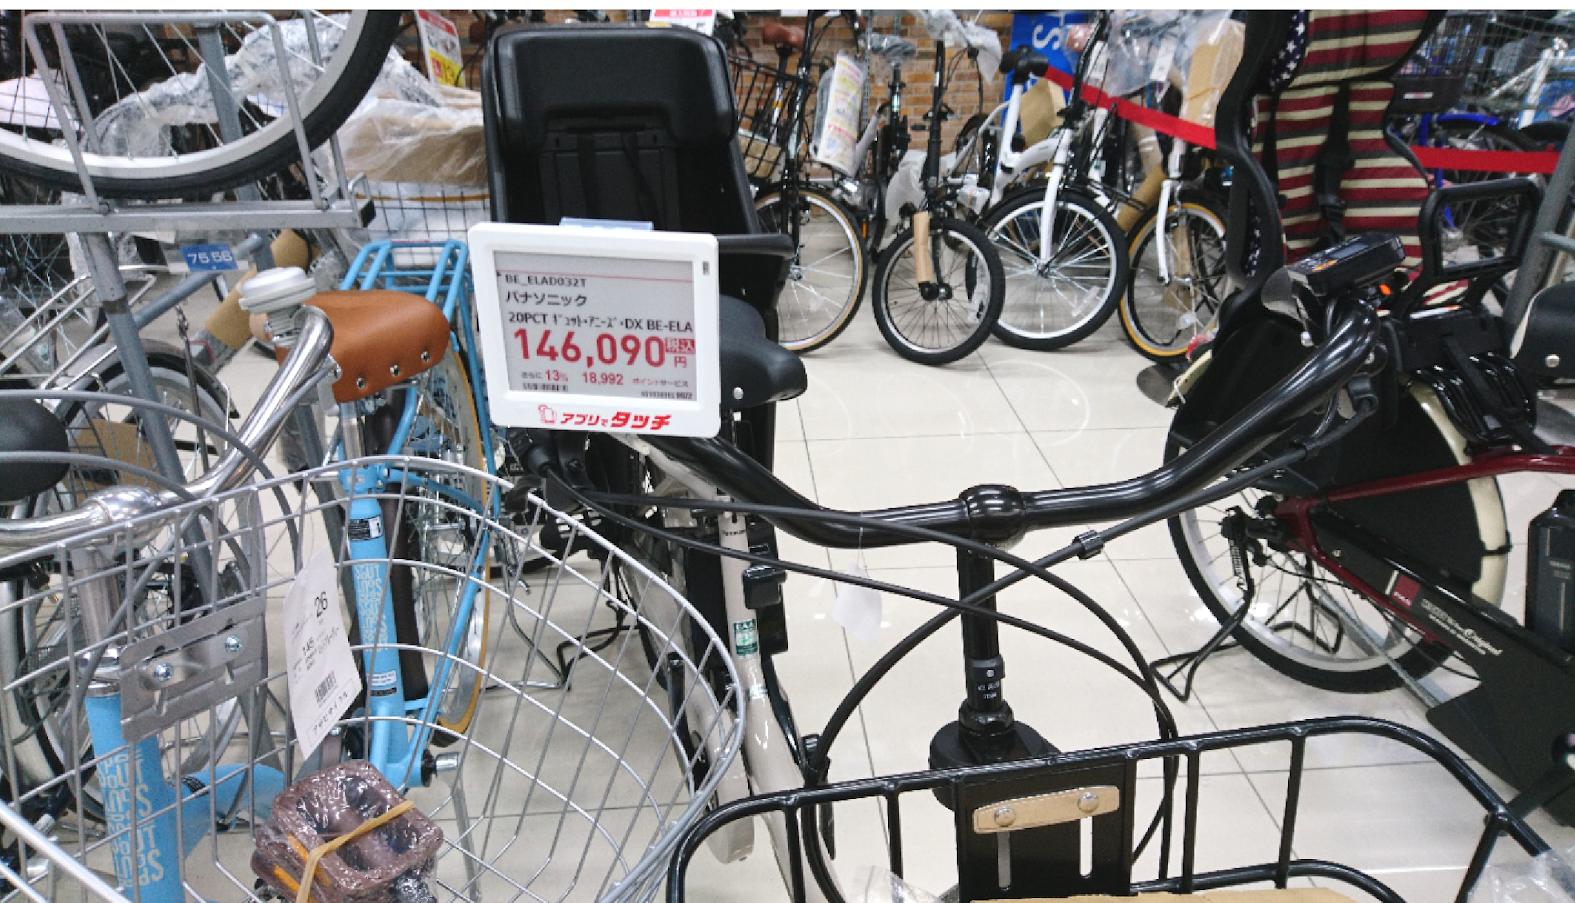 ビックカメラオリジナルPanasonic子乗せ電動自転車